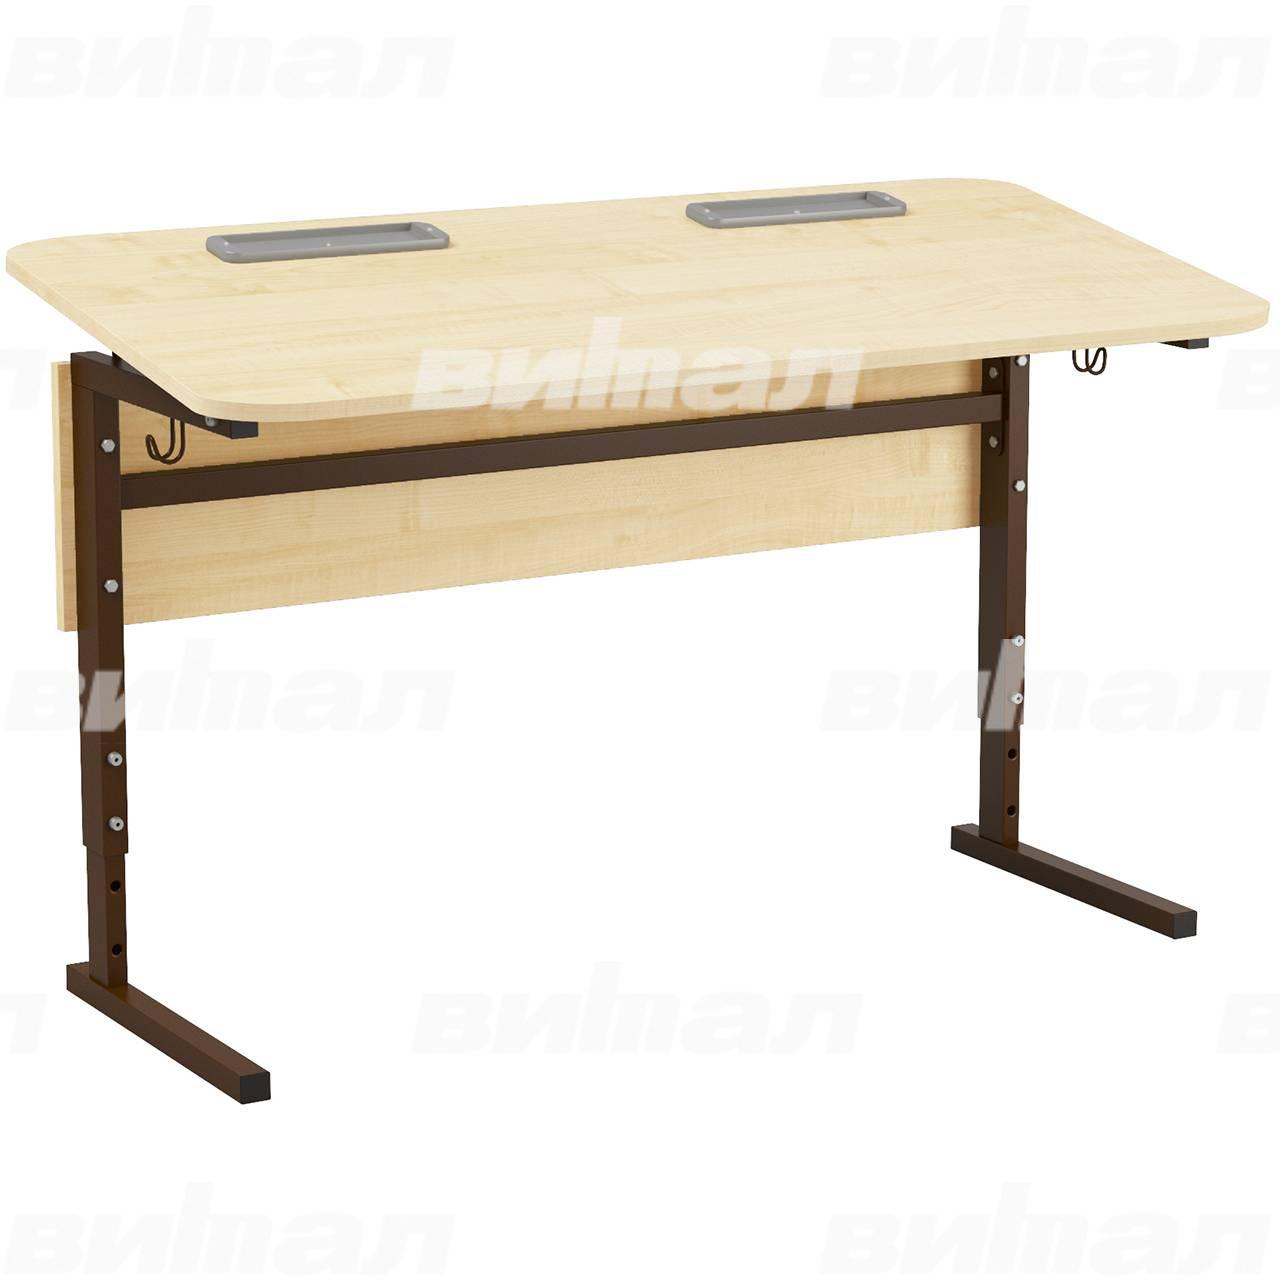 Стол 2-местный регулир. высота и наклон столешницы 0-10° (гр 2-4, 3-5, 4-6 или 5-7) коричневый Клен 5-7 Меламин прямоугольная